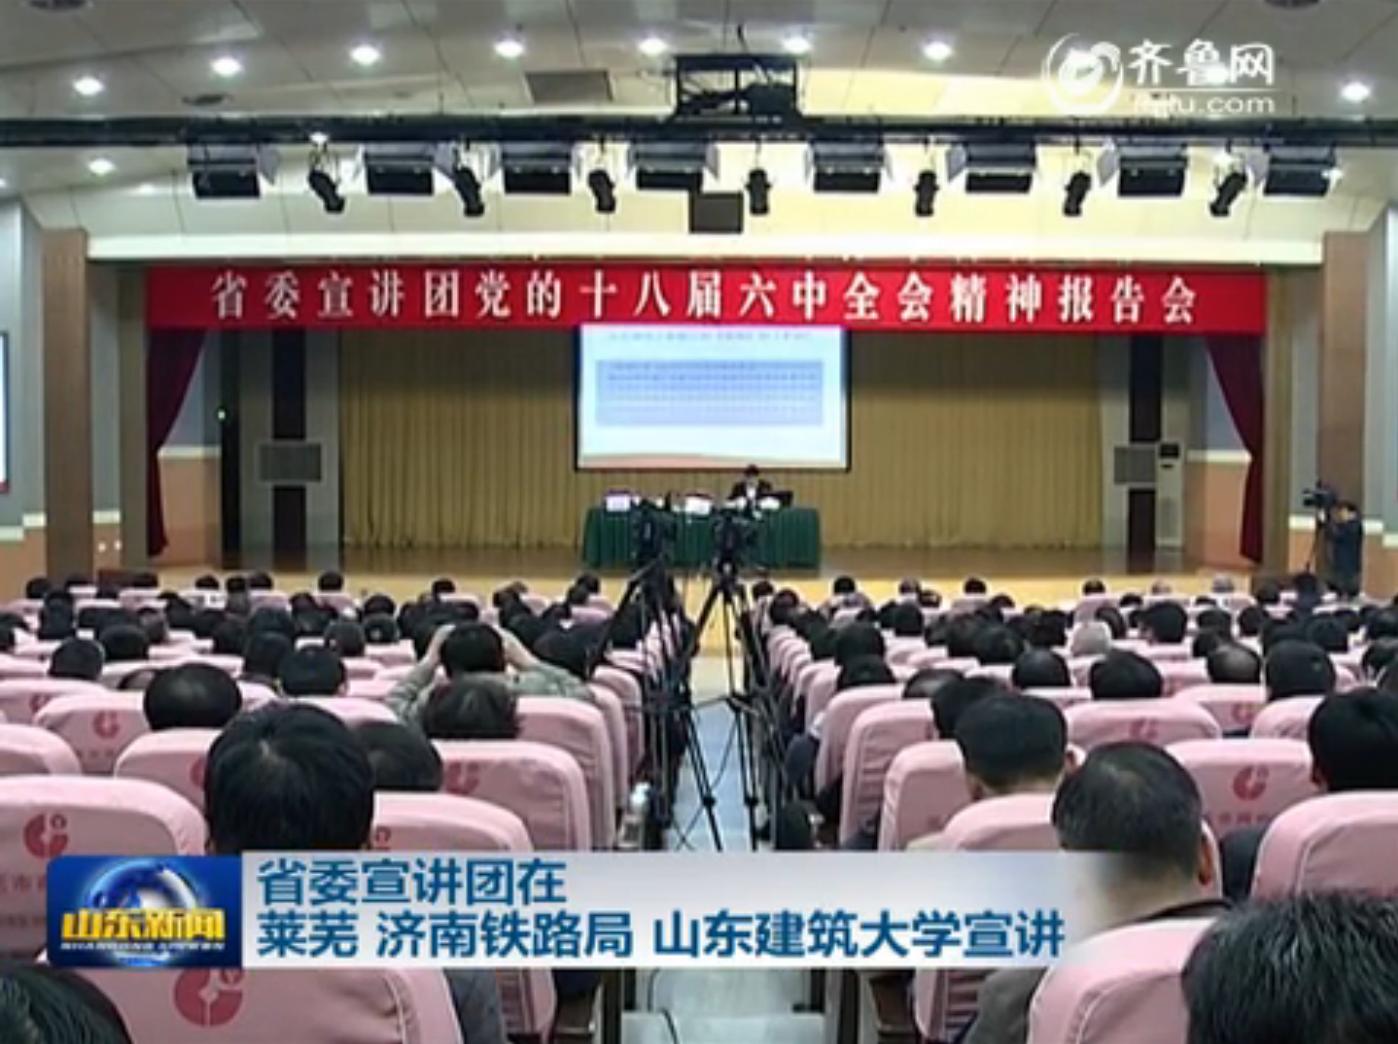 省委宣讲团在莱芜、济南铁路局、山东建筑大学宣讲